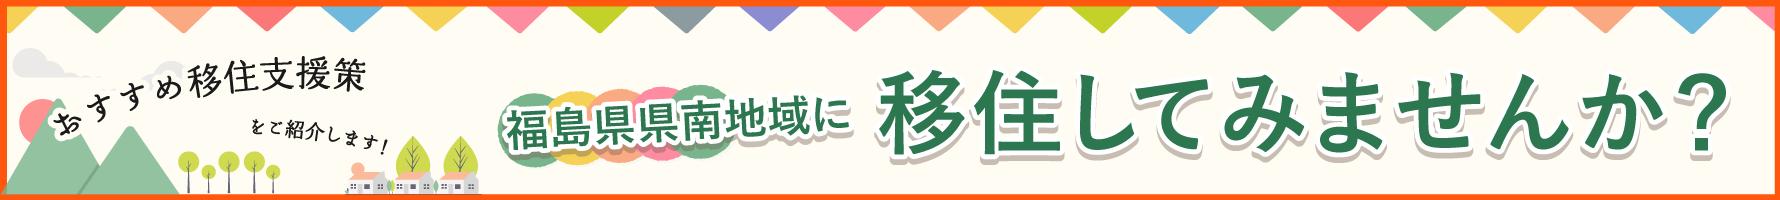 福島県県南地域に移住してみませんか?おすすめ移住支援策をご紹介します!